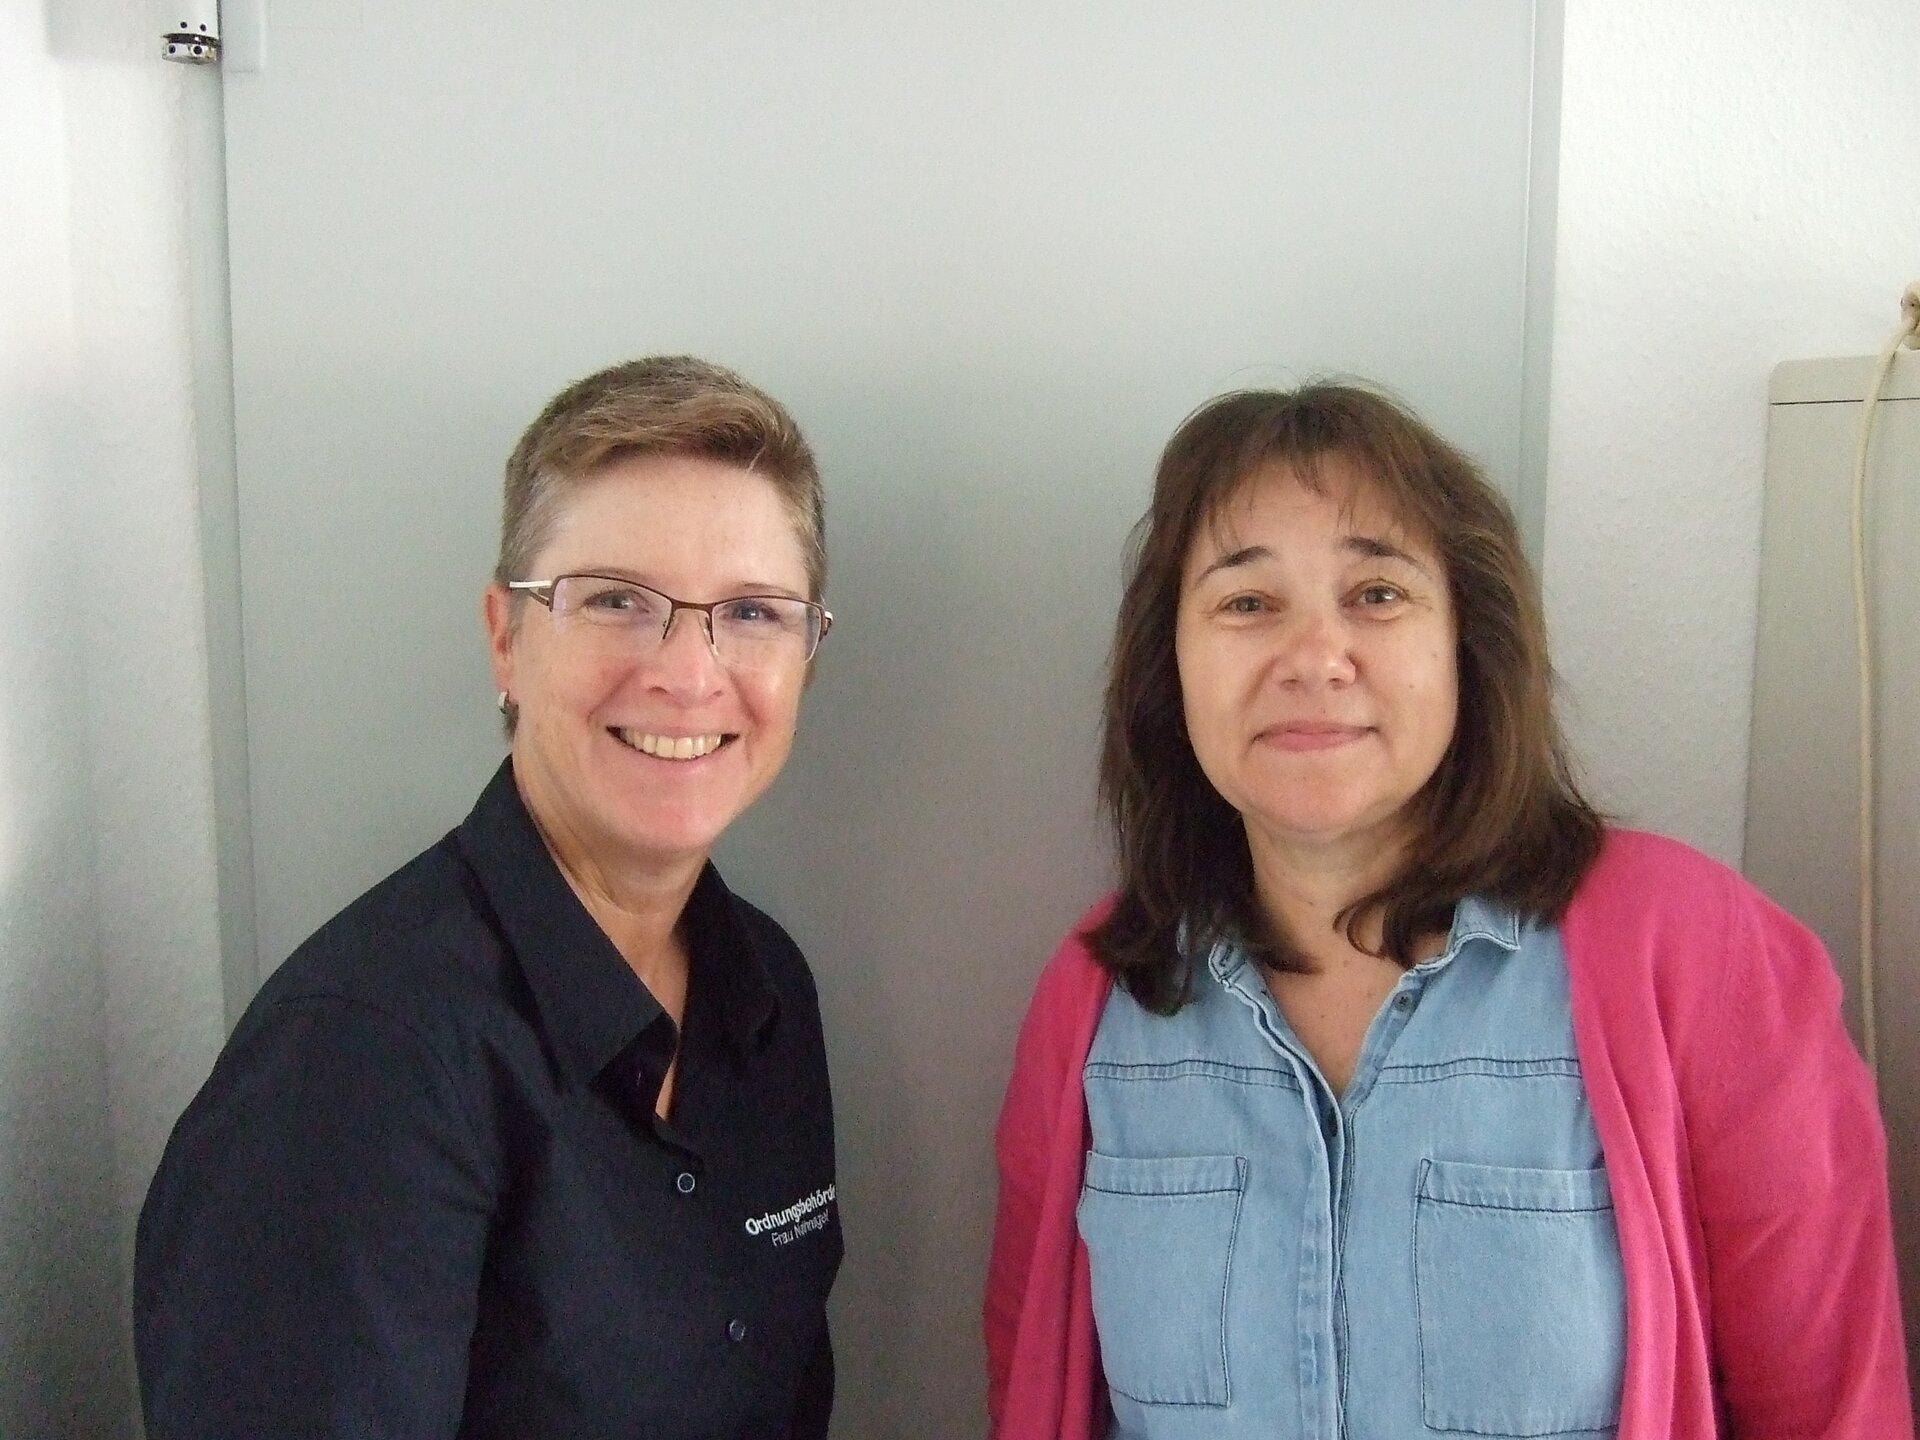 Die beiden Gleichstellungs- und Frauenbeauftragten der Gemeinde Nauheim (v.l.n.r.): Elke Nothnagel und Regine Schüßler